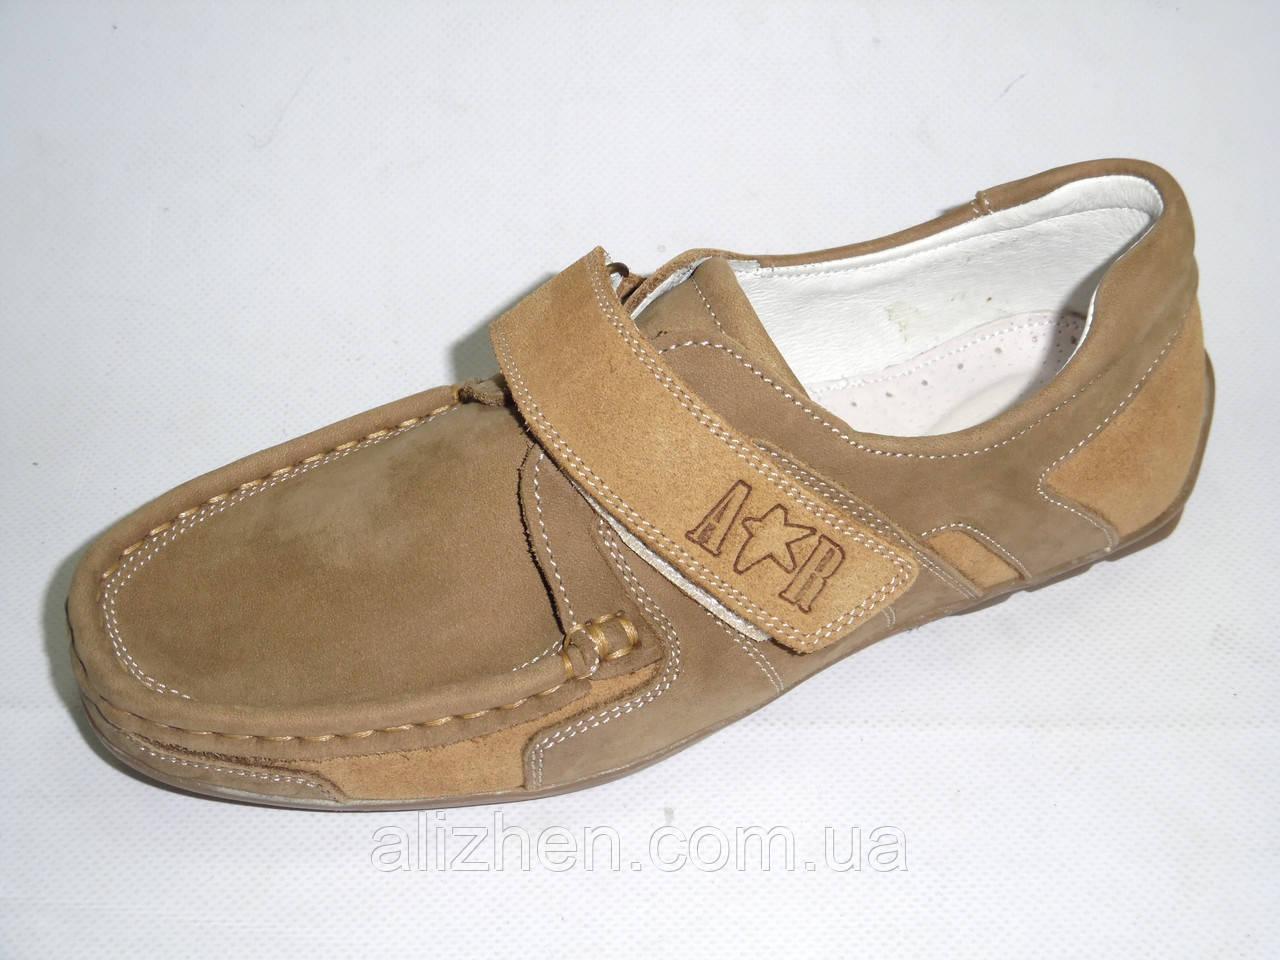 Туфли кожаные  для мальчика  Украина, размеры 34, 36, 37, 38,39.